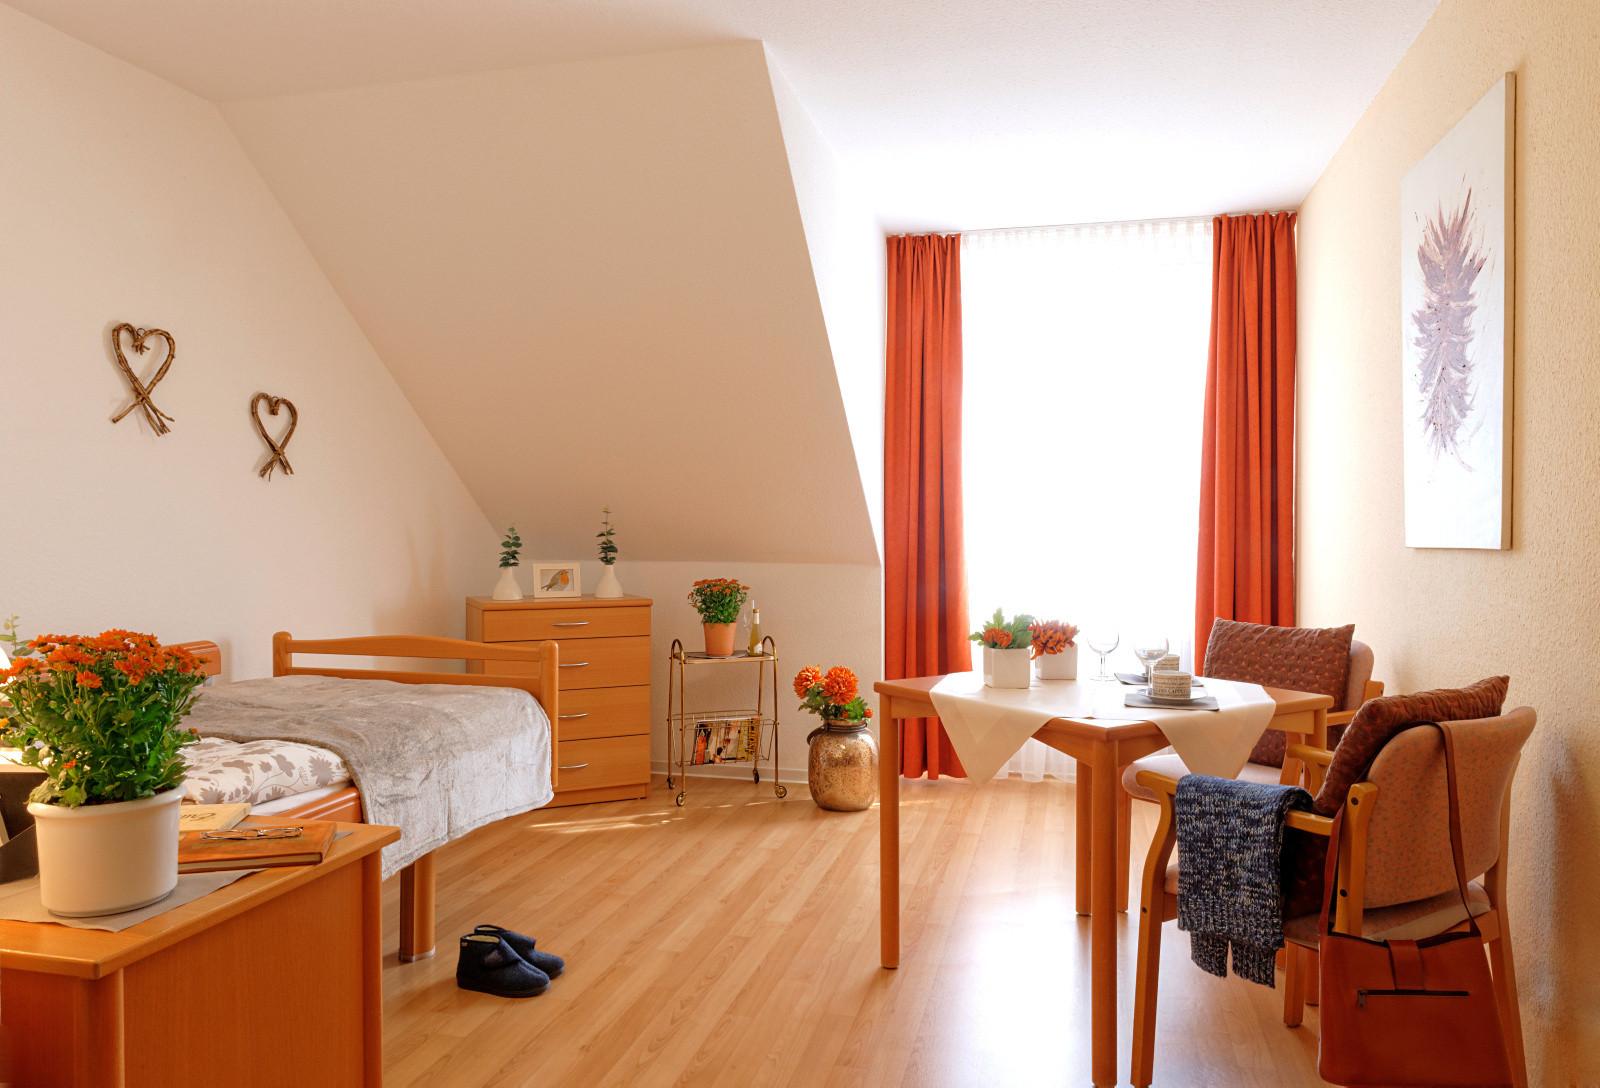 residenz ambiente in kassel auf wohnen im. Black Bedroom Furniture Sets. Home Design Ideas